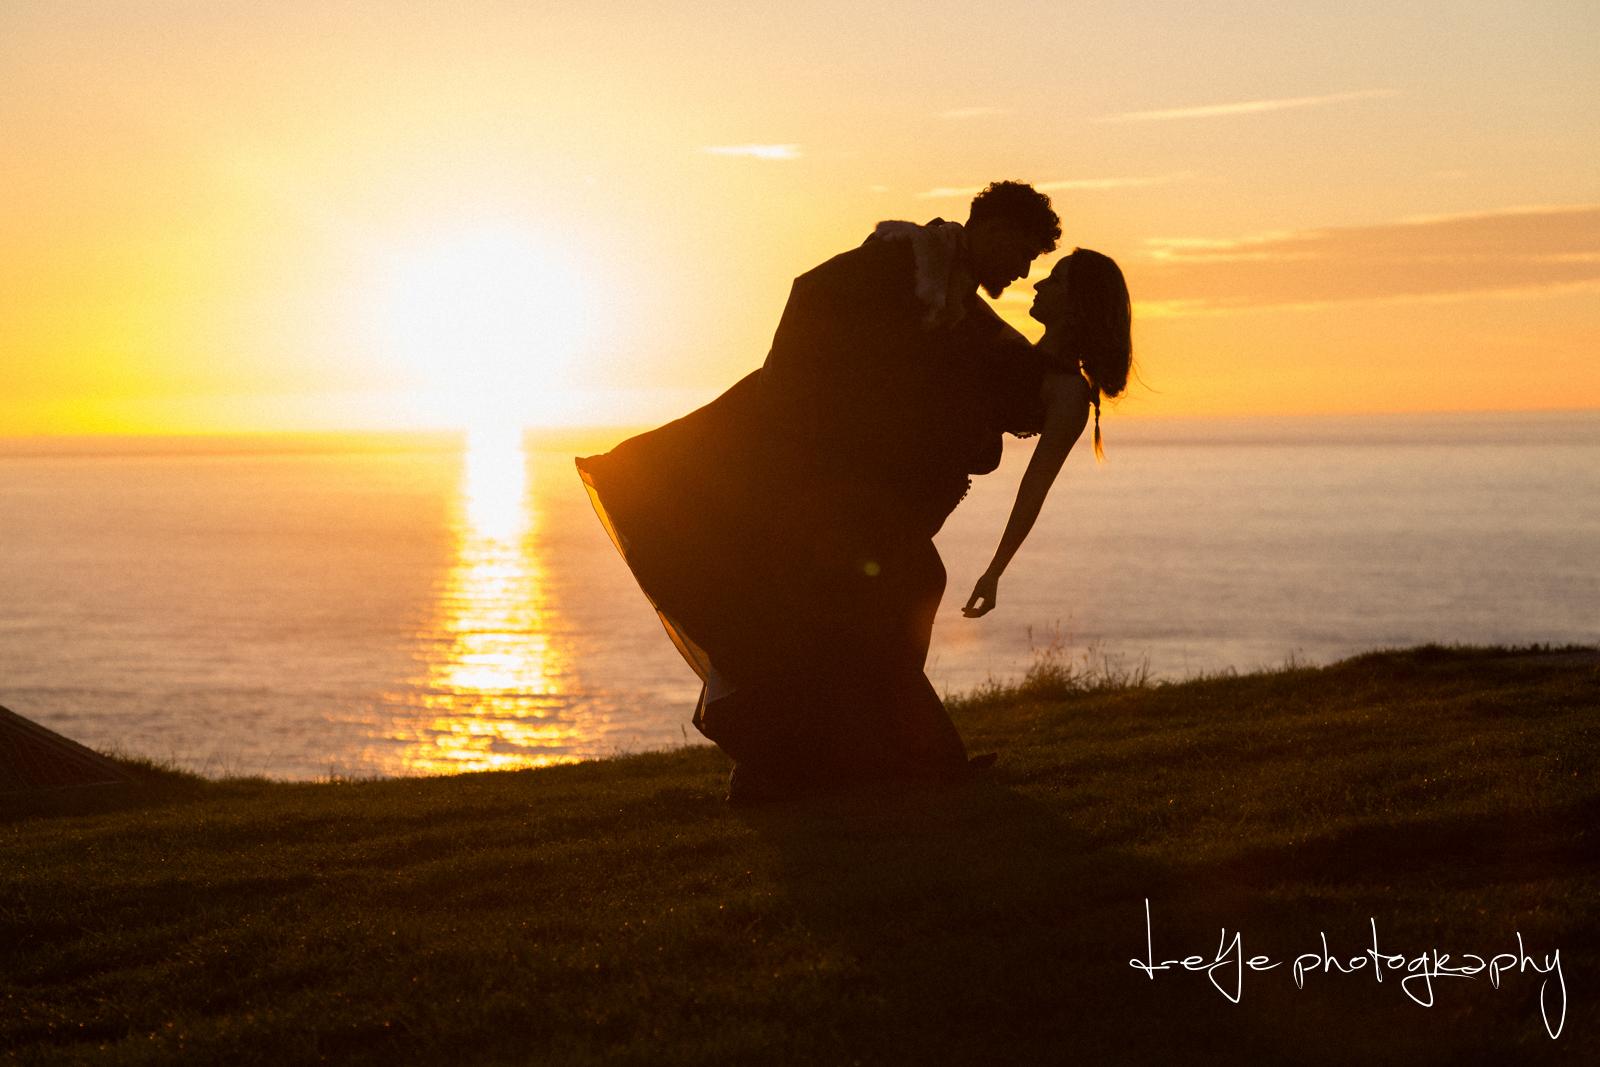 Bruidspaar bij ondergaande zon op klif. Foto D eYe Photography